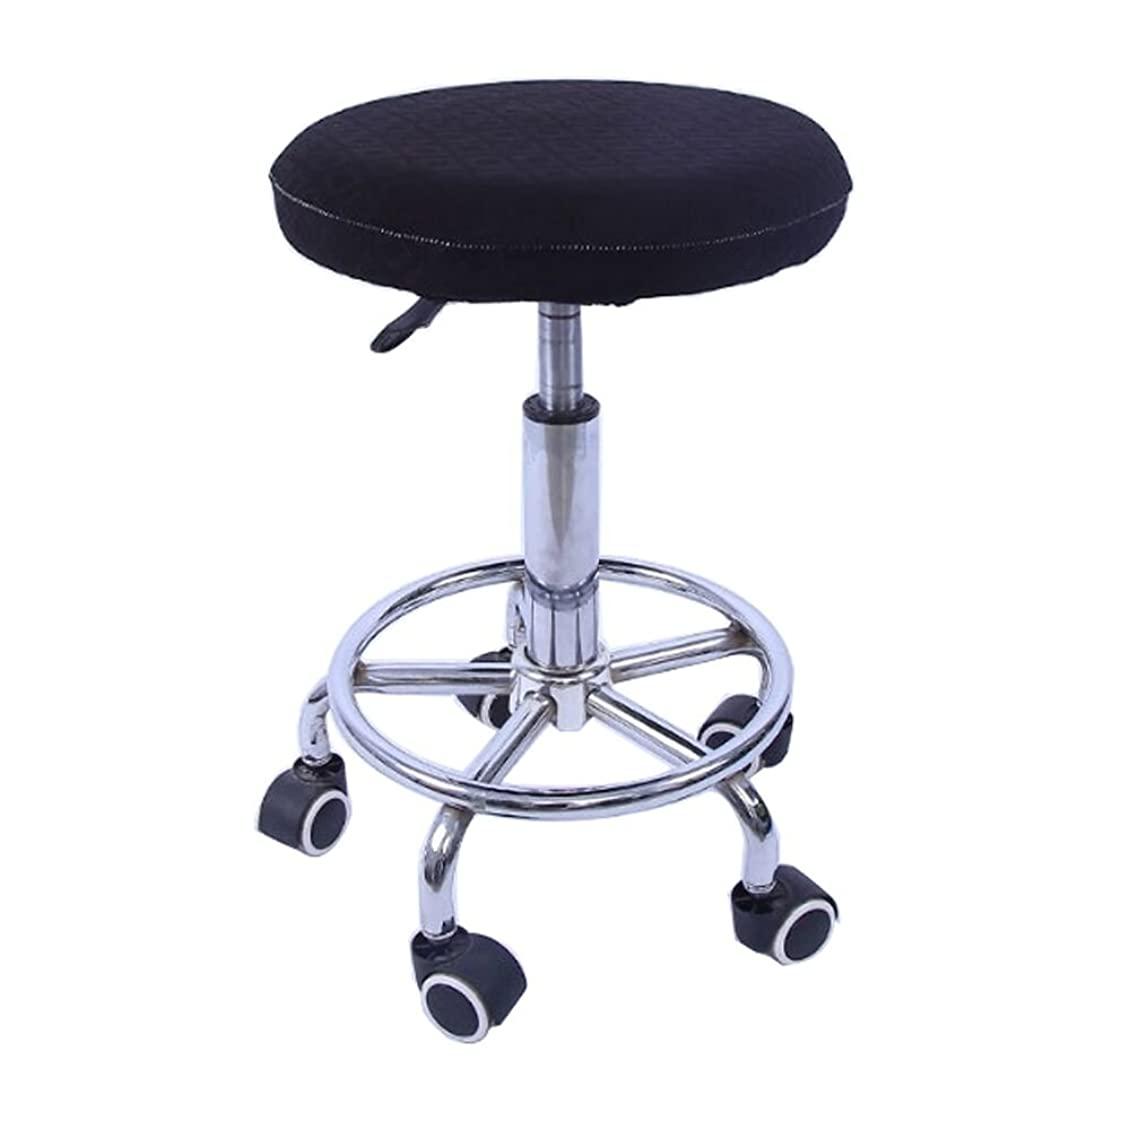 午後問い合わせ等価Keepjoy 丸椅子カバー 丸 チェアカバー スツール カバー 座面 ラウンドスツール 椅子カバー キャスター オフィス ミーティング 弾性 伸縮素材 (ブラック)